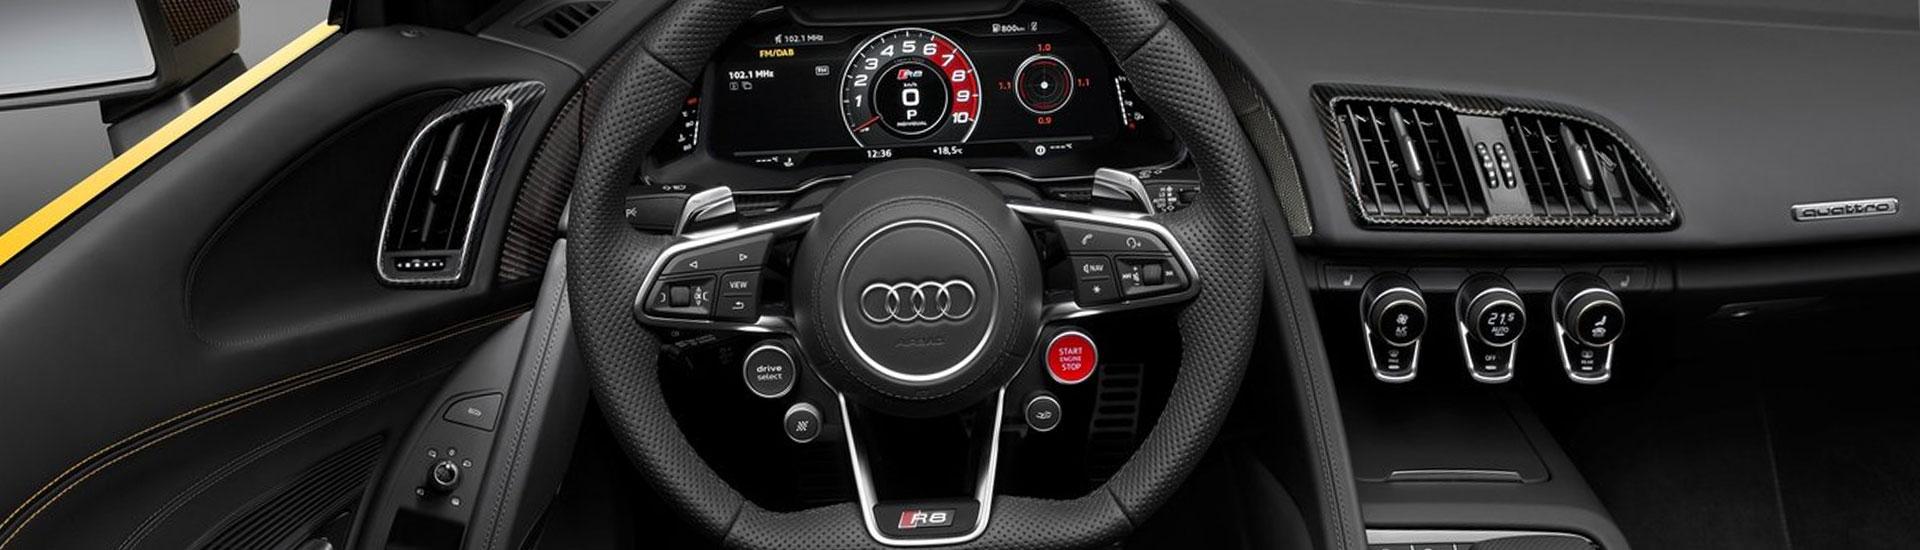 Audi R8 Dash Kits Custom Audi R8 Dash Kit